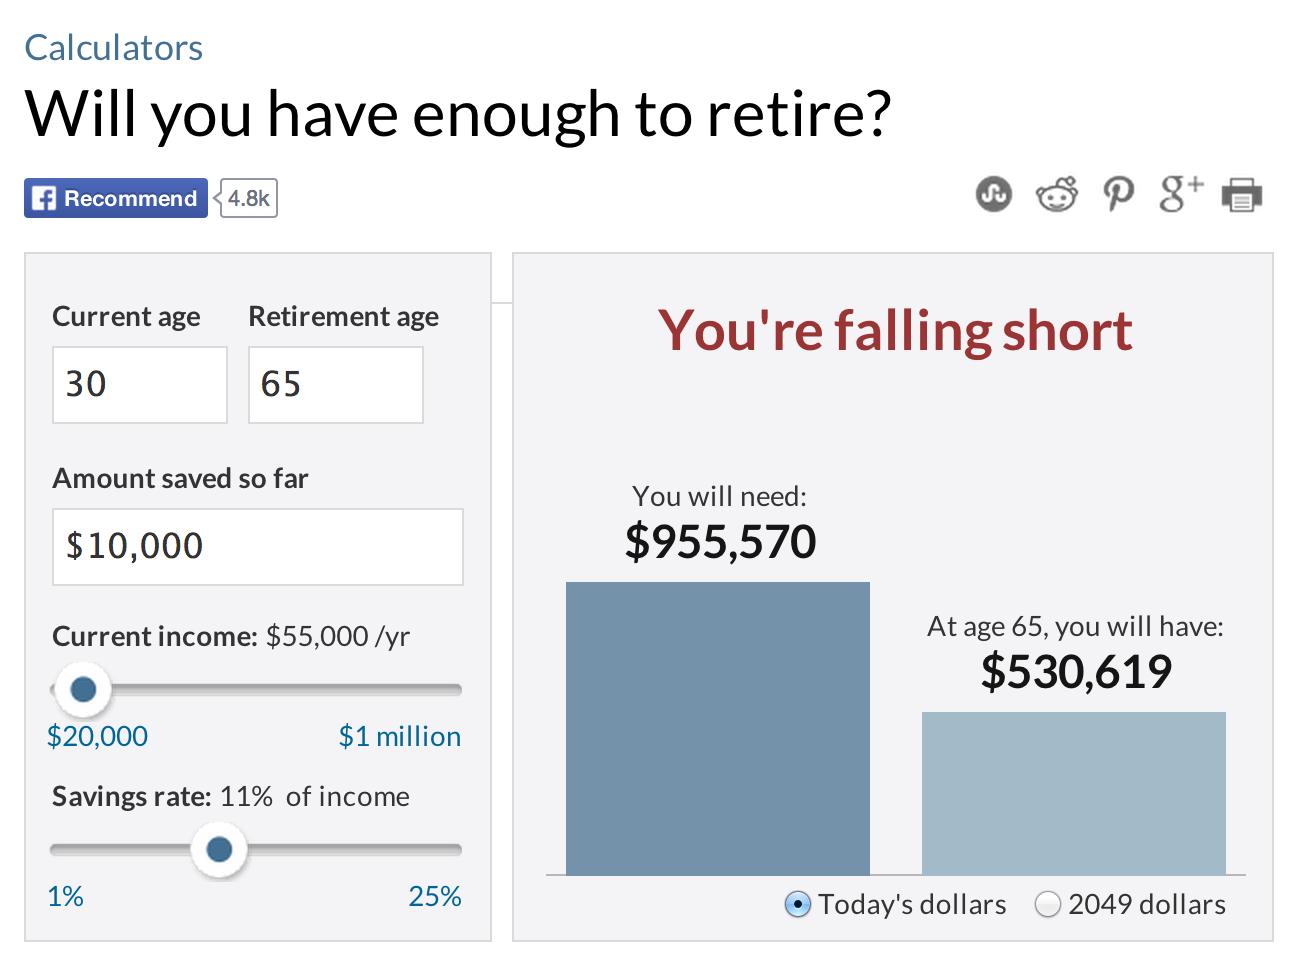 Cnn Money Retirement Calculator Cnn Money Life Retirement Calculator